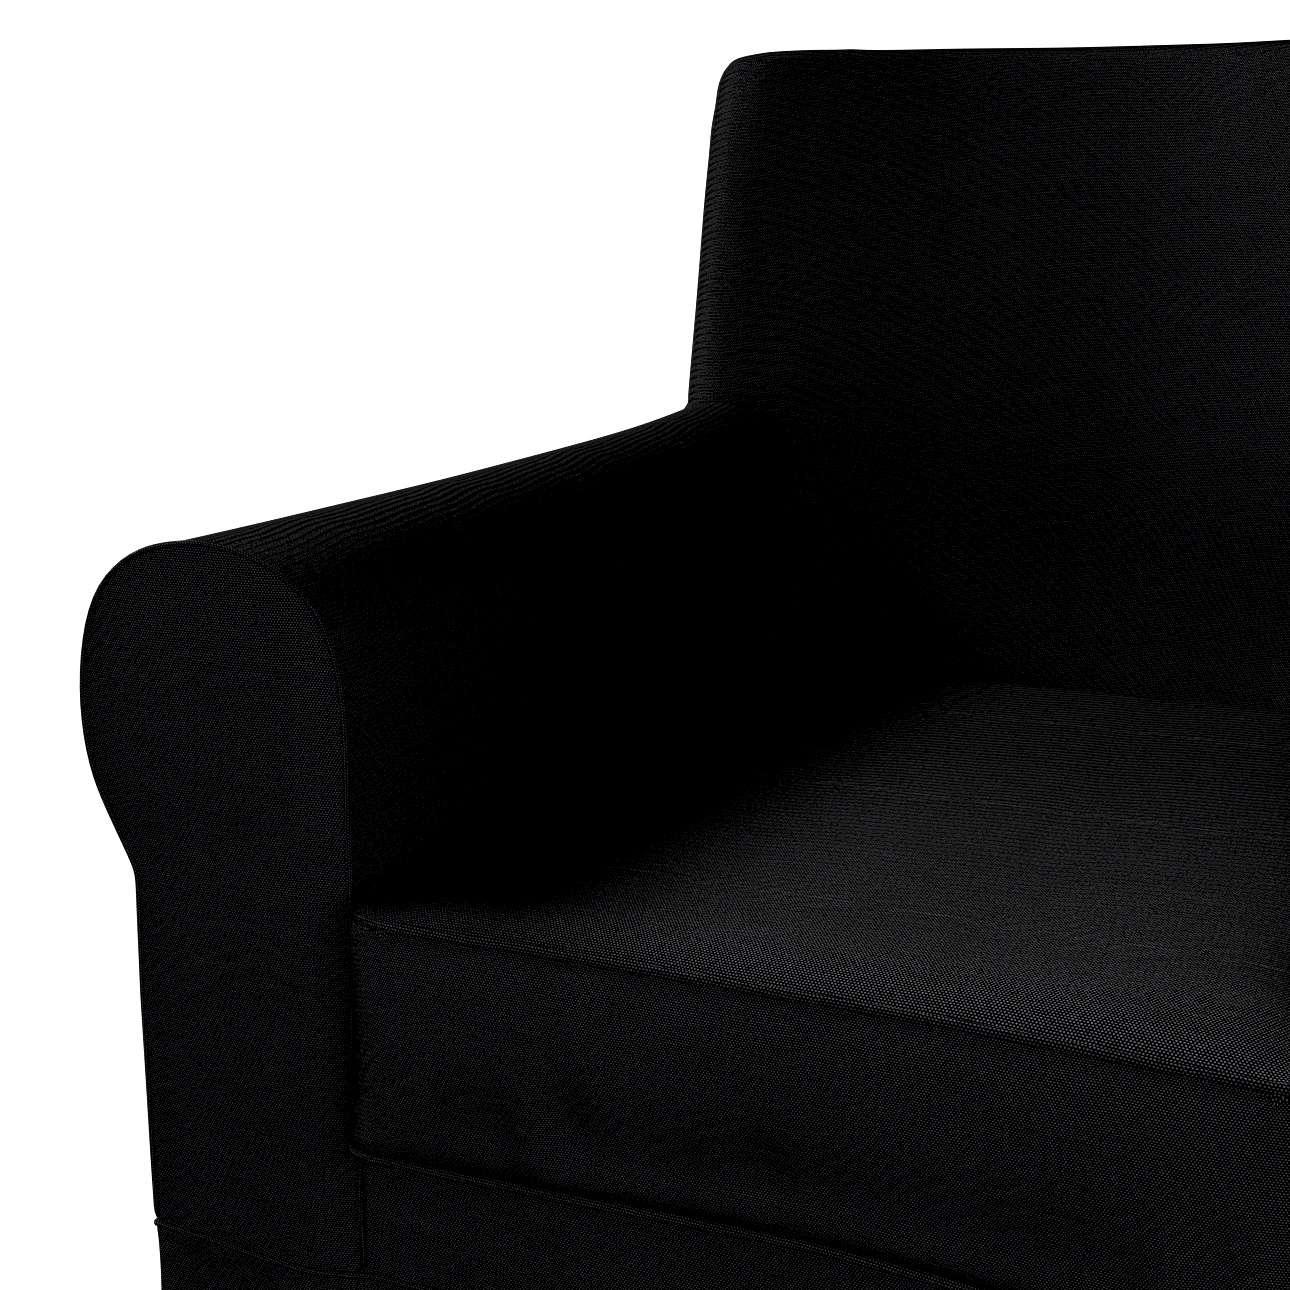 Bezug für Ektorp Jennylund Sessel von der Kollektion Etna, Stoff: 705-00